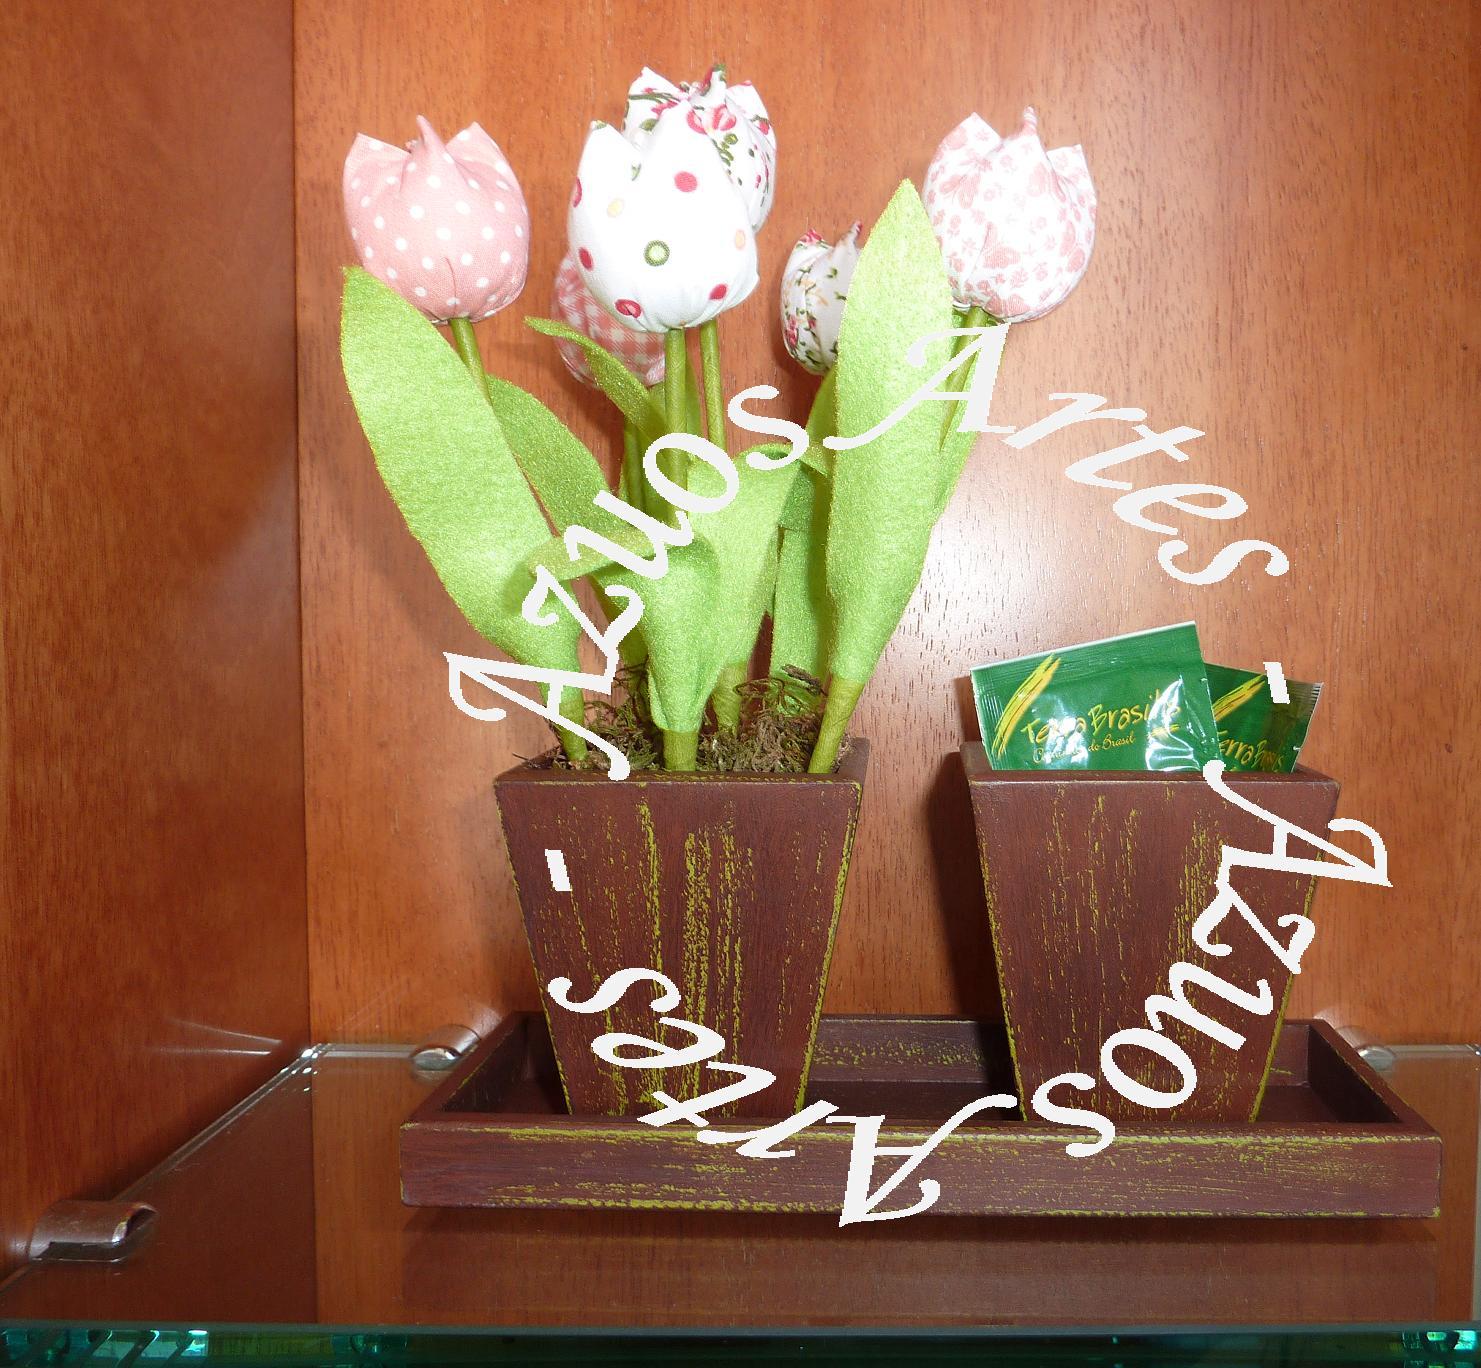 Azuos Artes Vaso de Tulipa na bandeja  Kit decoração para Banheiro -> Decoracao Banheiro Salmao